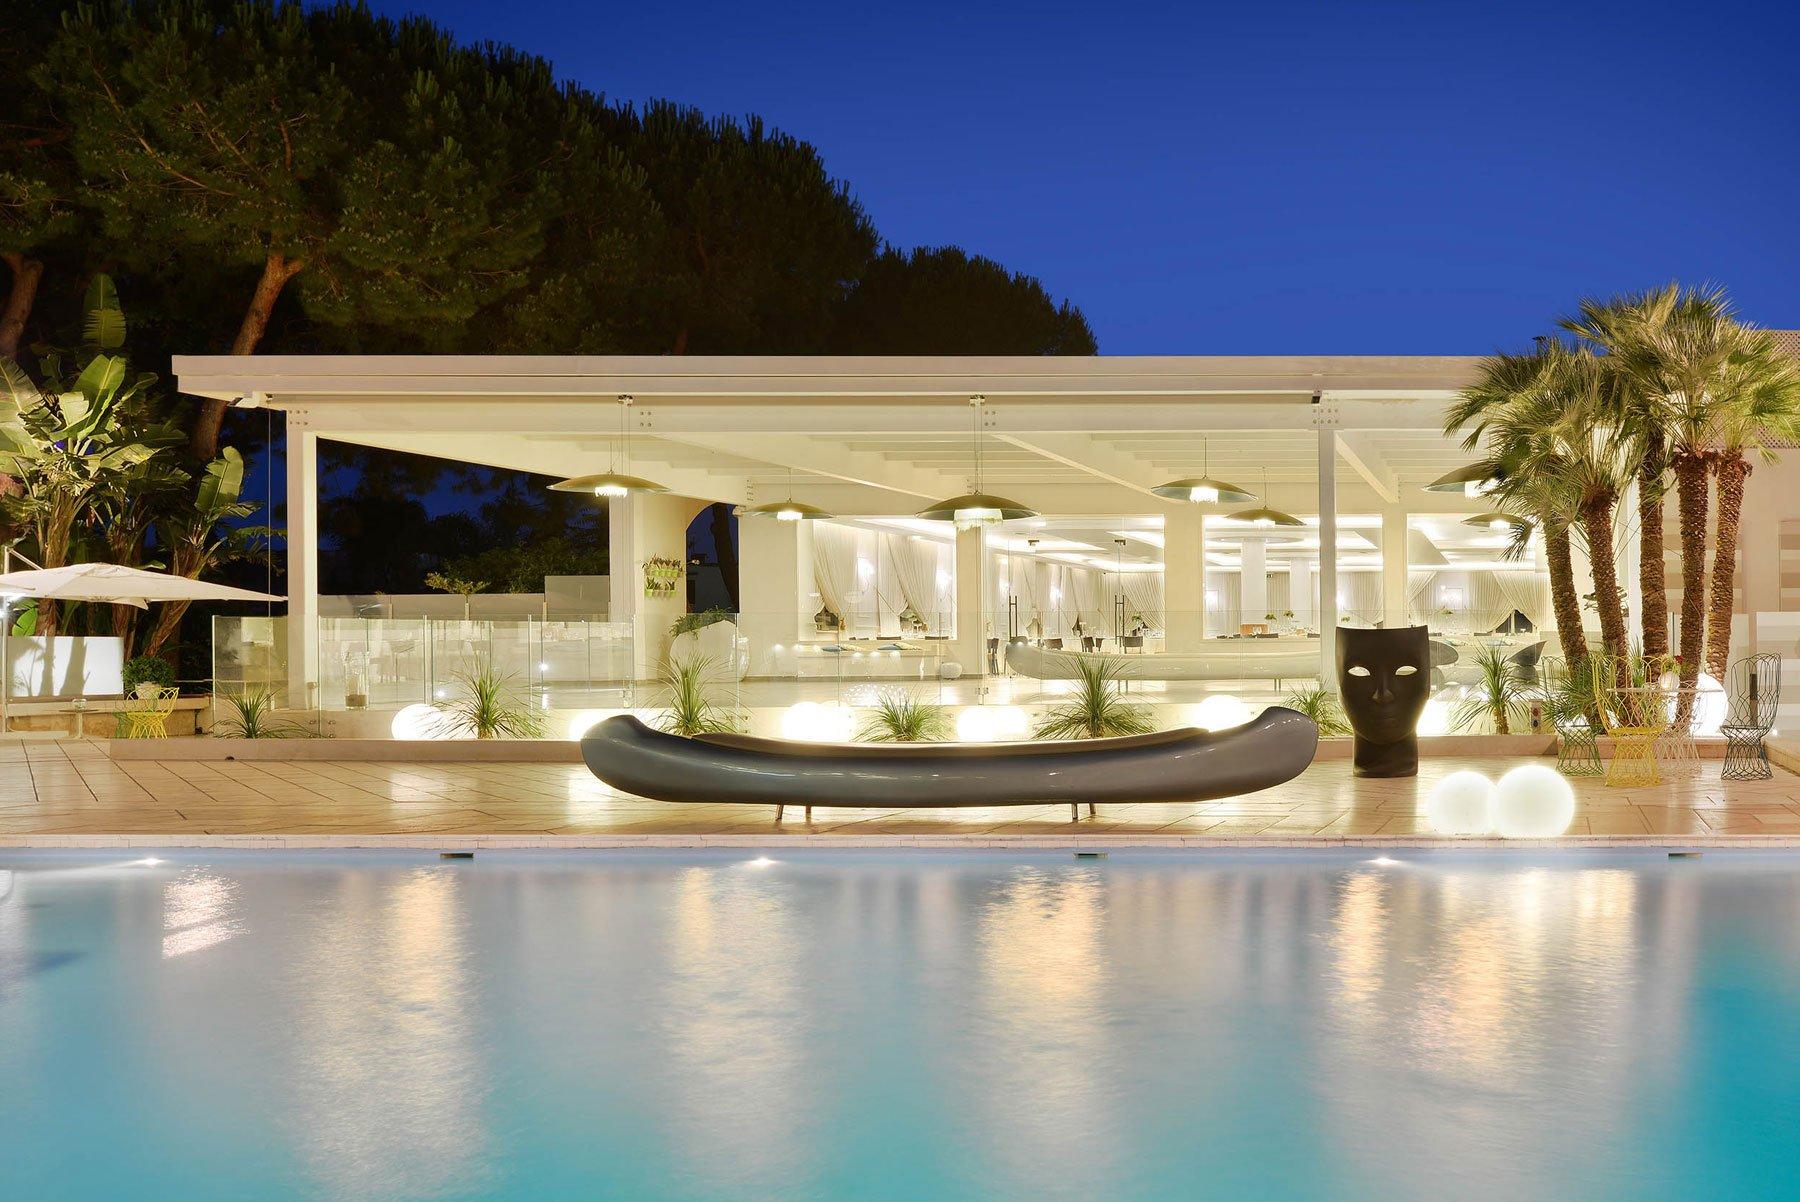 Una piscina con luci accese